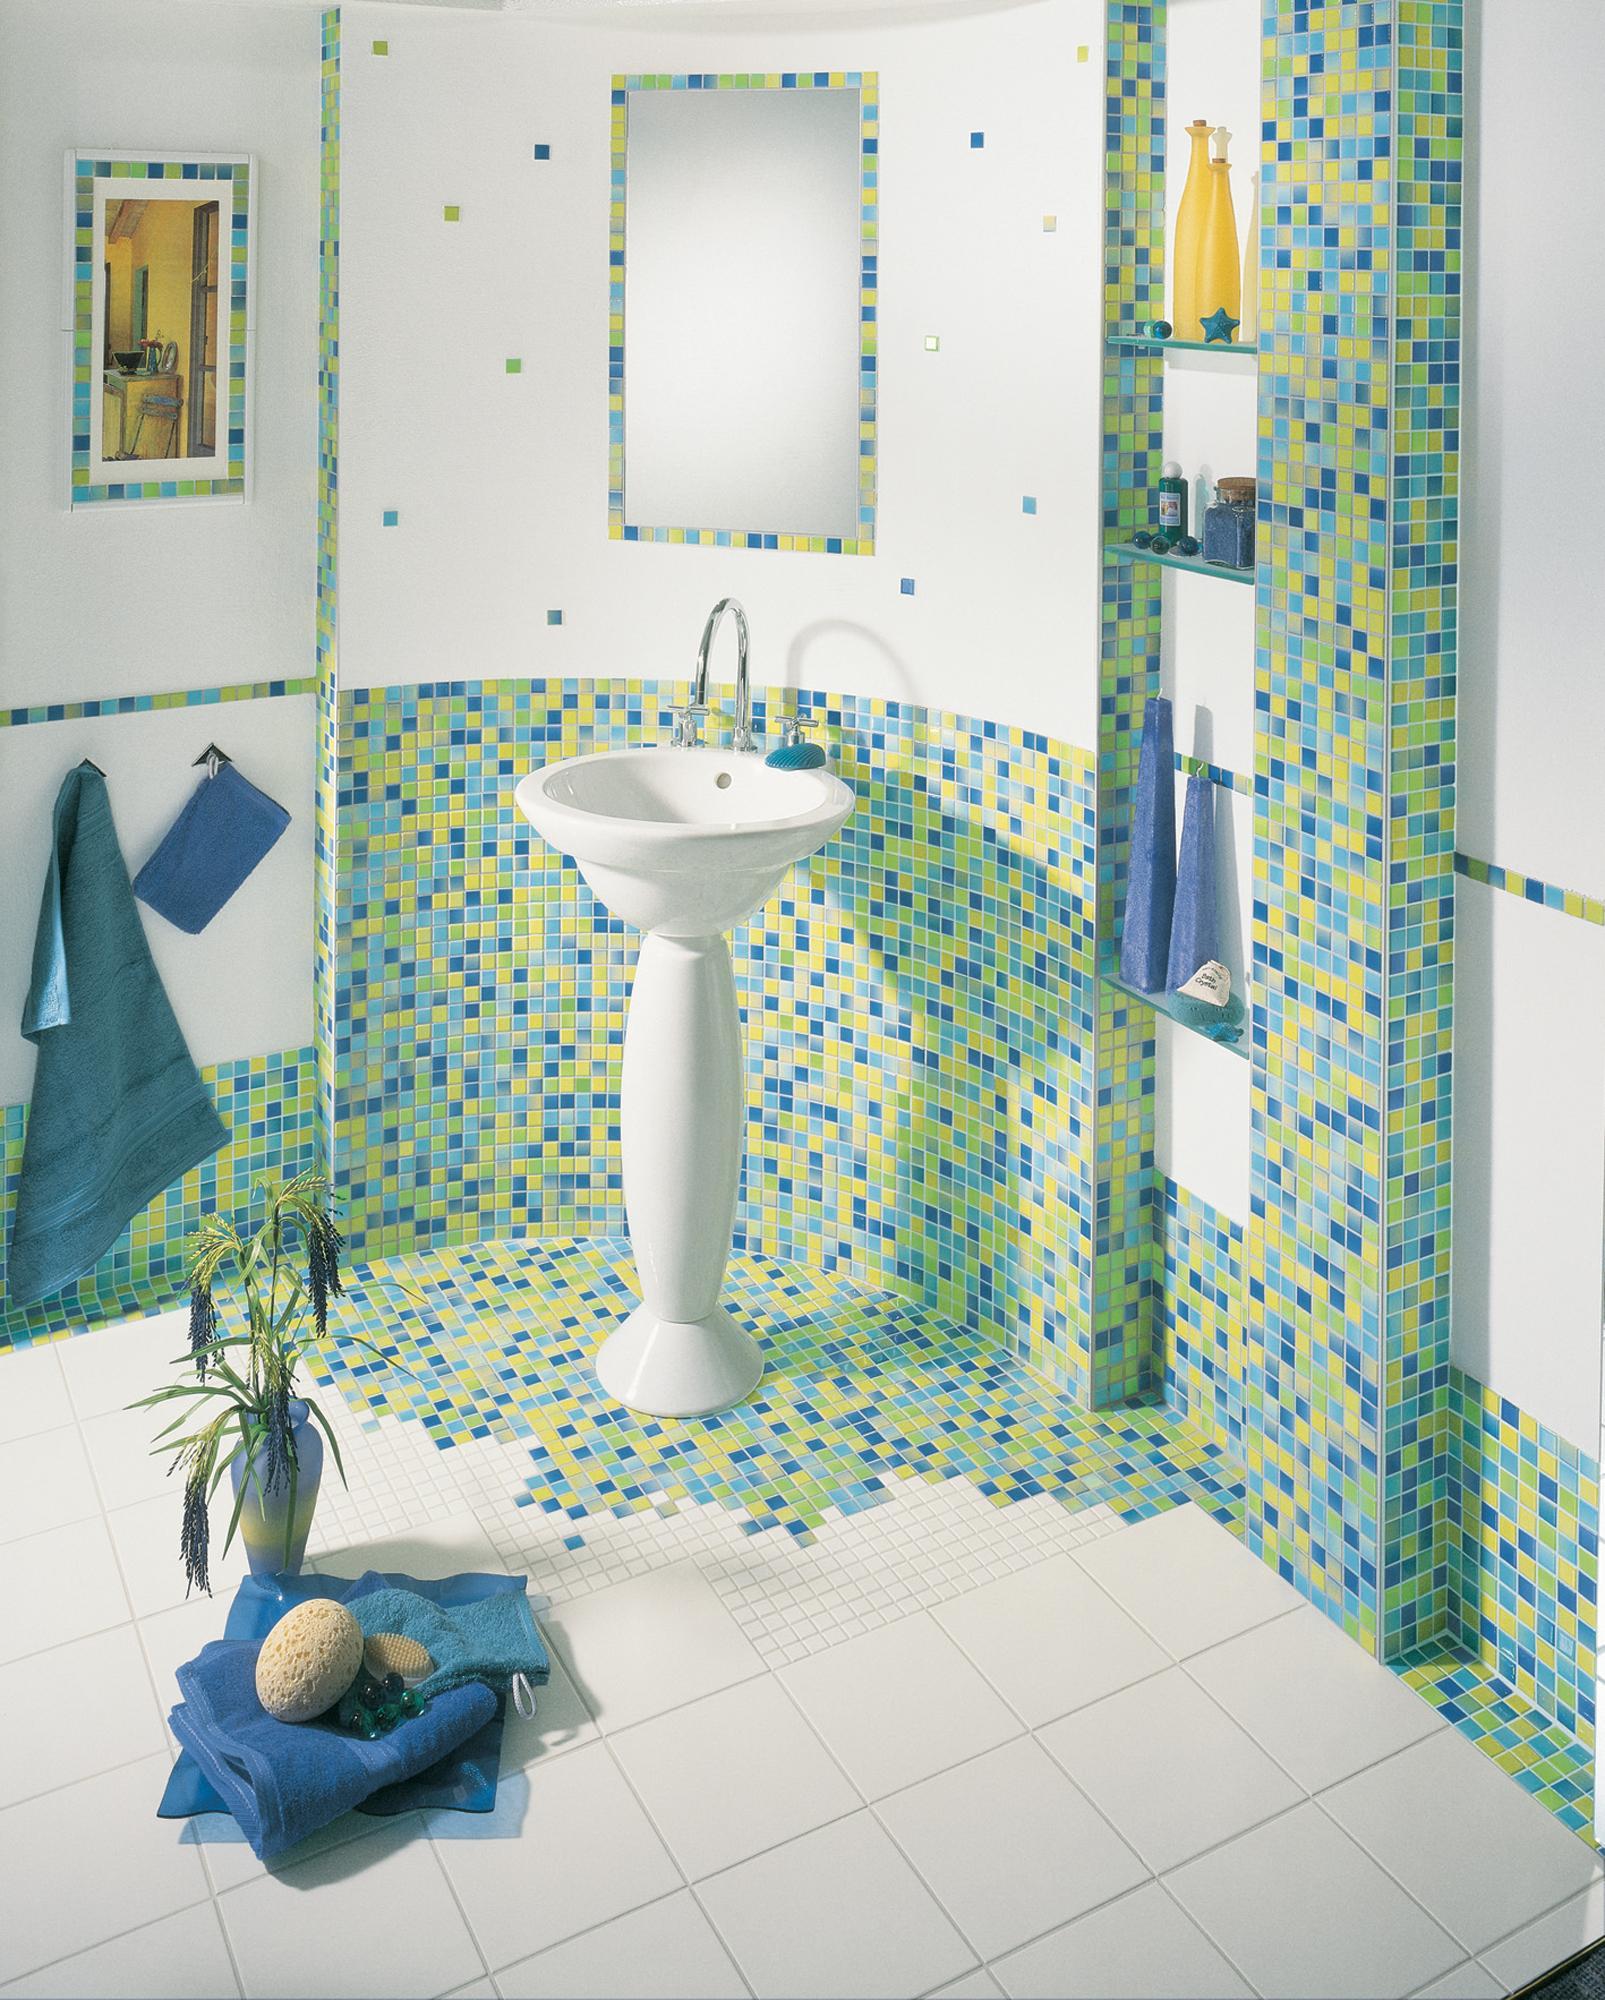 Badezimmer Mit Mosaikfliesen Kreativ Gestalten #fliesen #mosaikfliesen  #wandregal #wandspiegel ©Jasba Mosaik